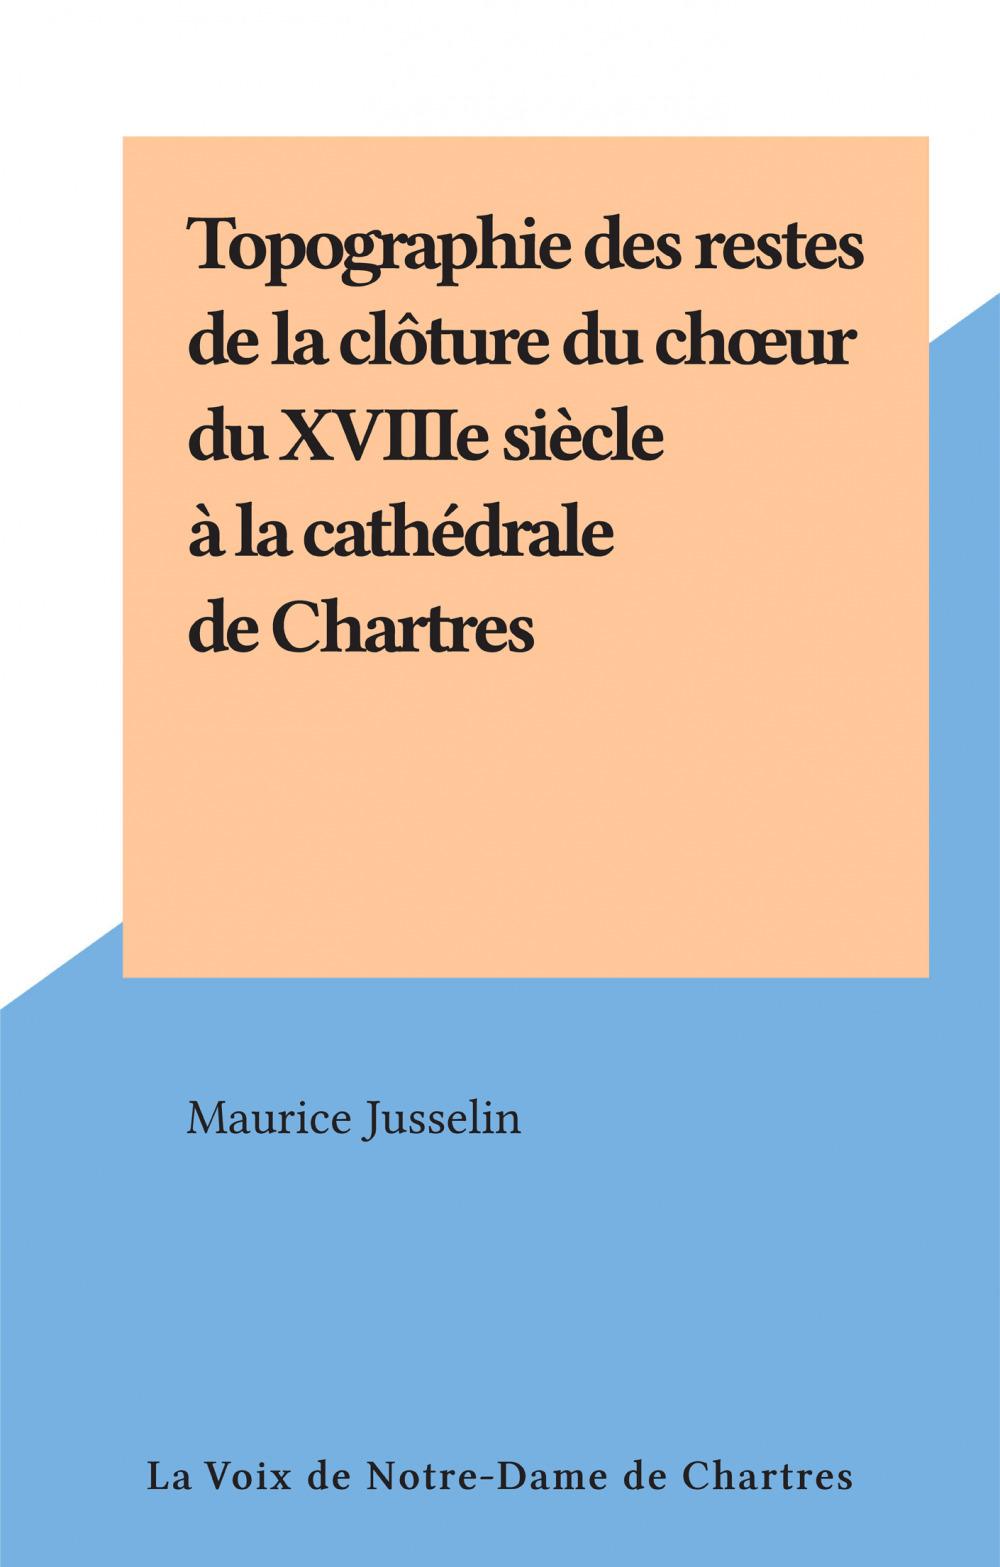 Topographie des restes de la clôture du choeur du XVIIIe siècle à la cathédrale de Chartres